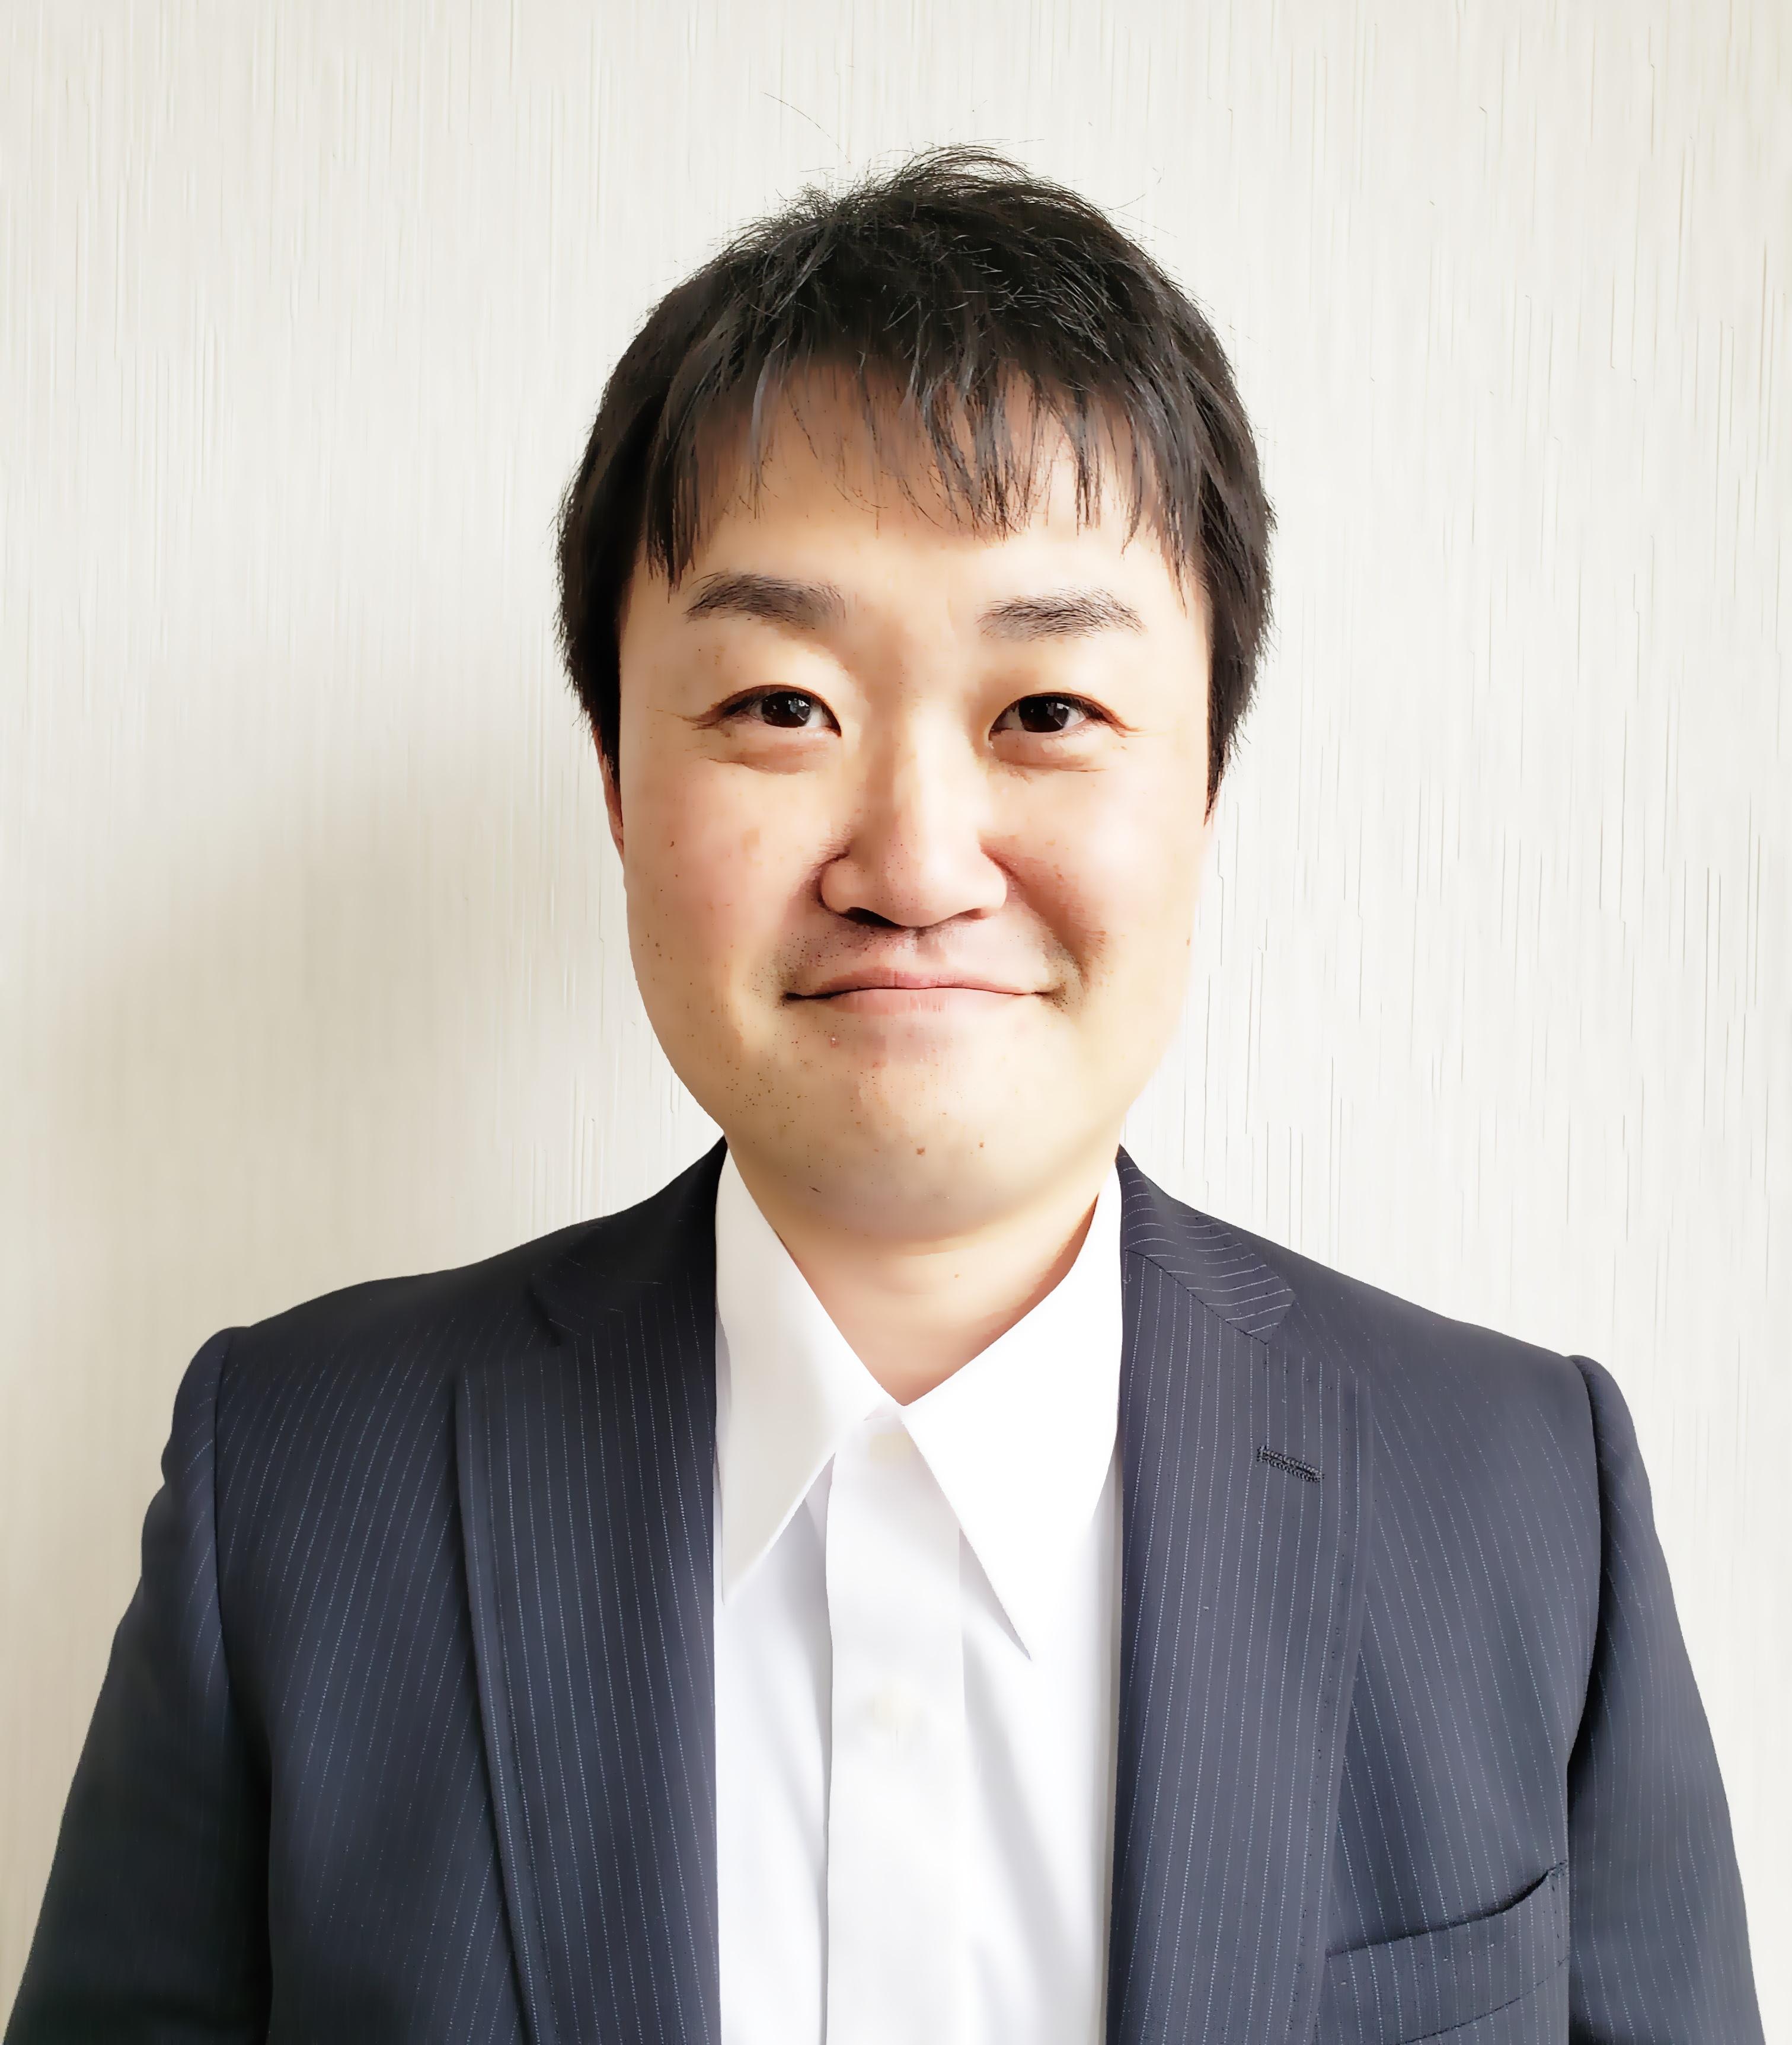 日本初の早期緩和ケア外来専業クリニックの院長大津秀一の写真です